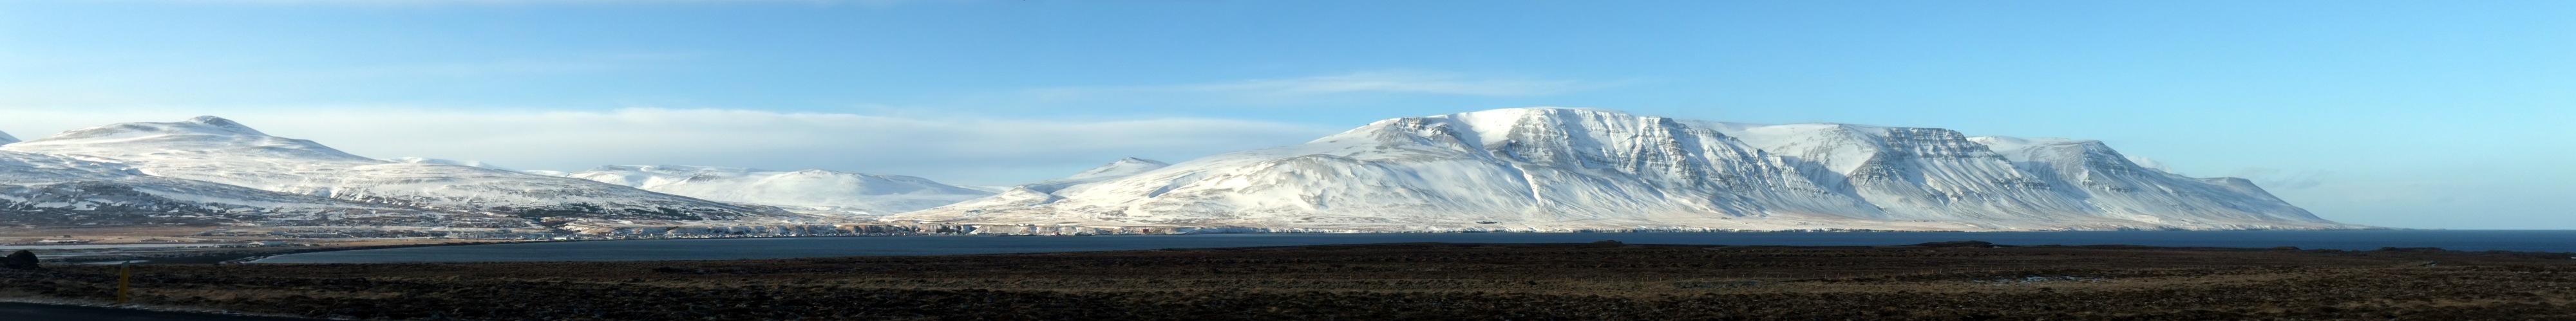 Schneebedeckte Berge bis auf Meereshöhe.